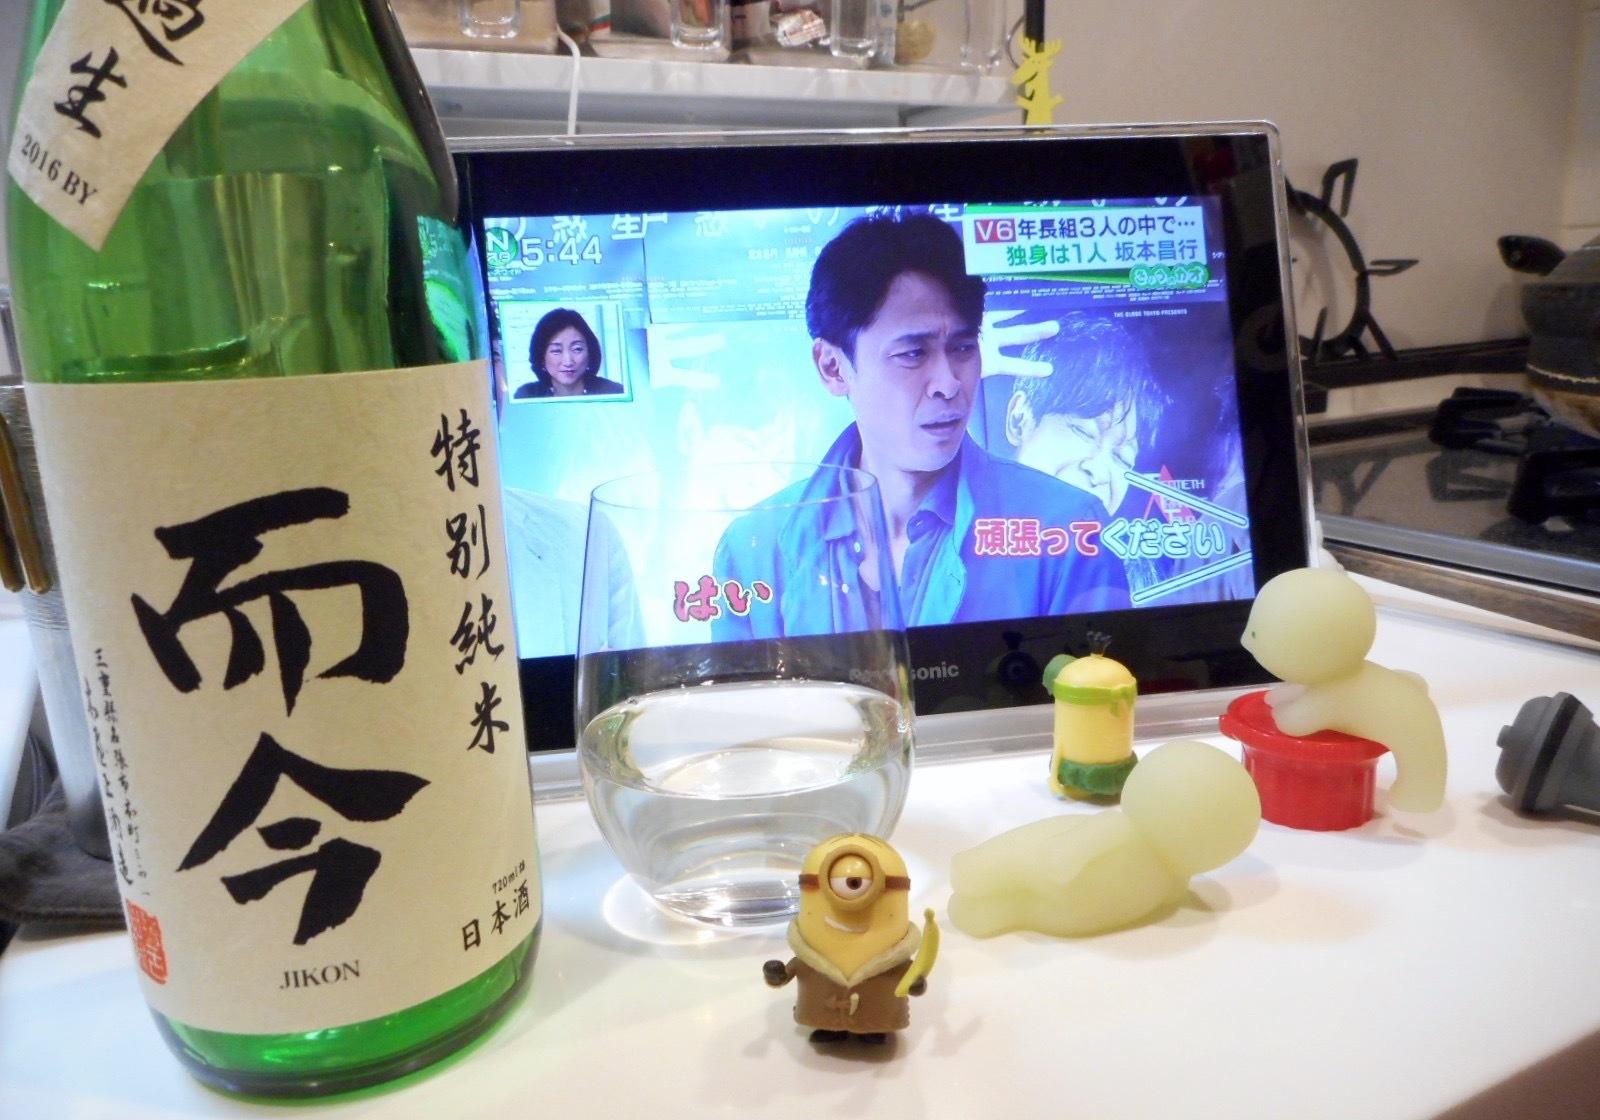 jikon_tokujun_gohyaku_nama28by8.jpg